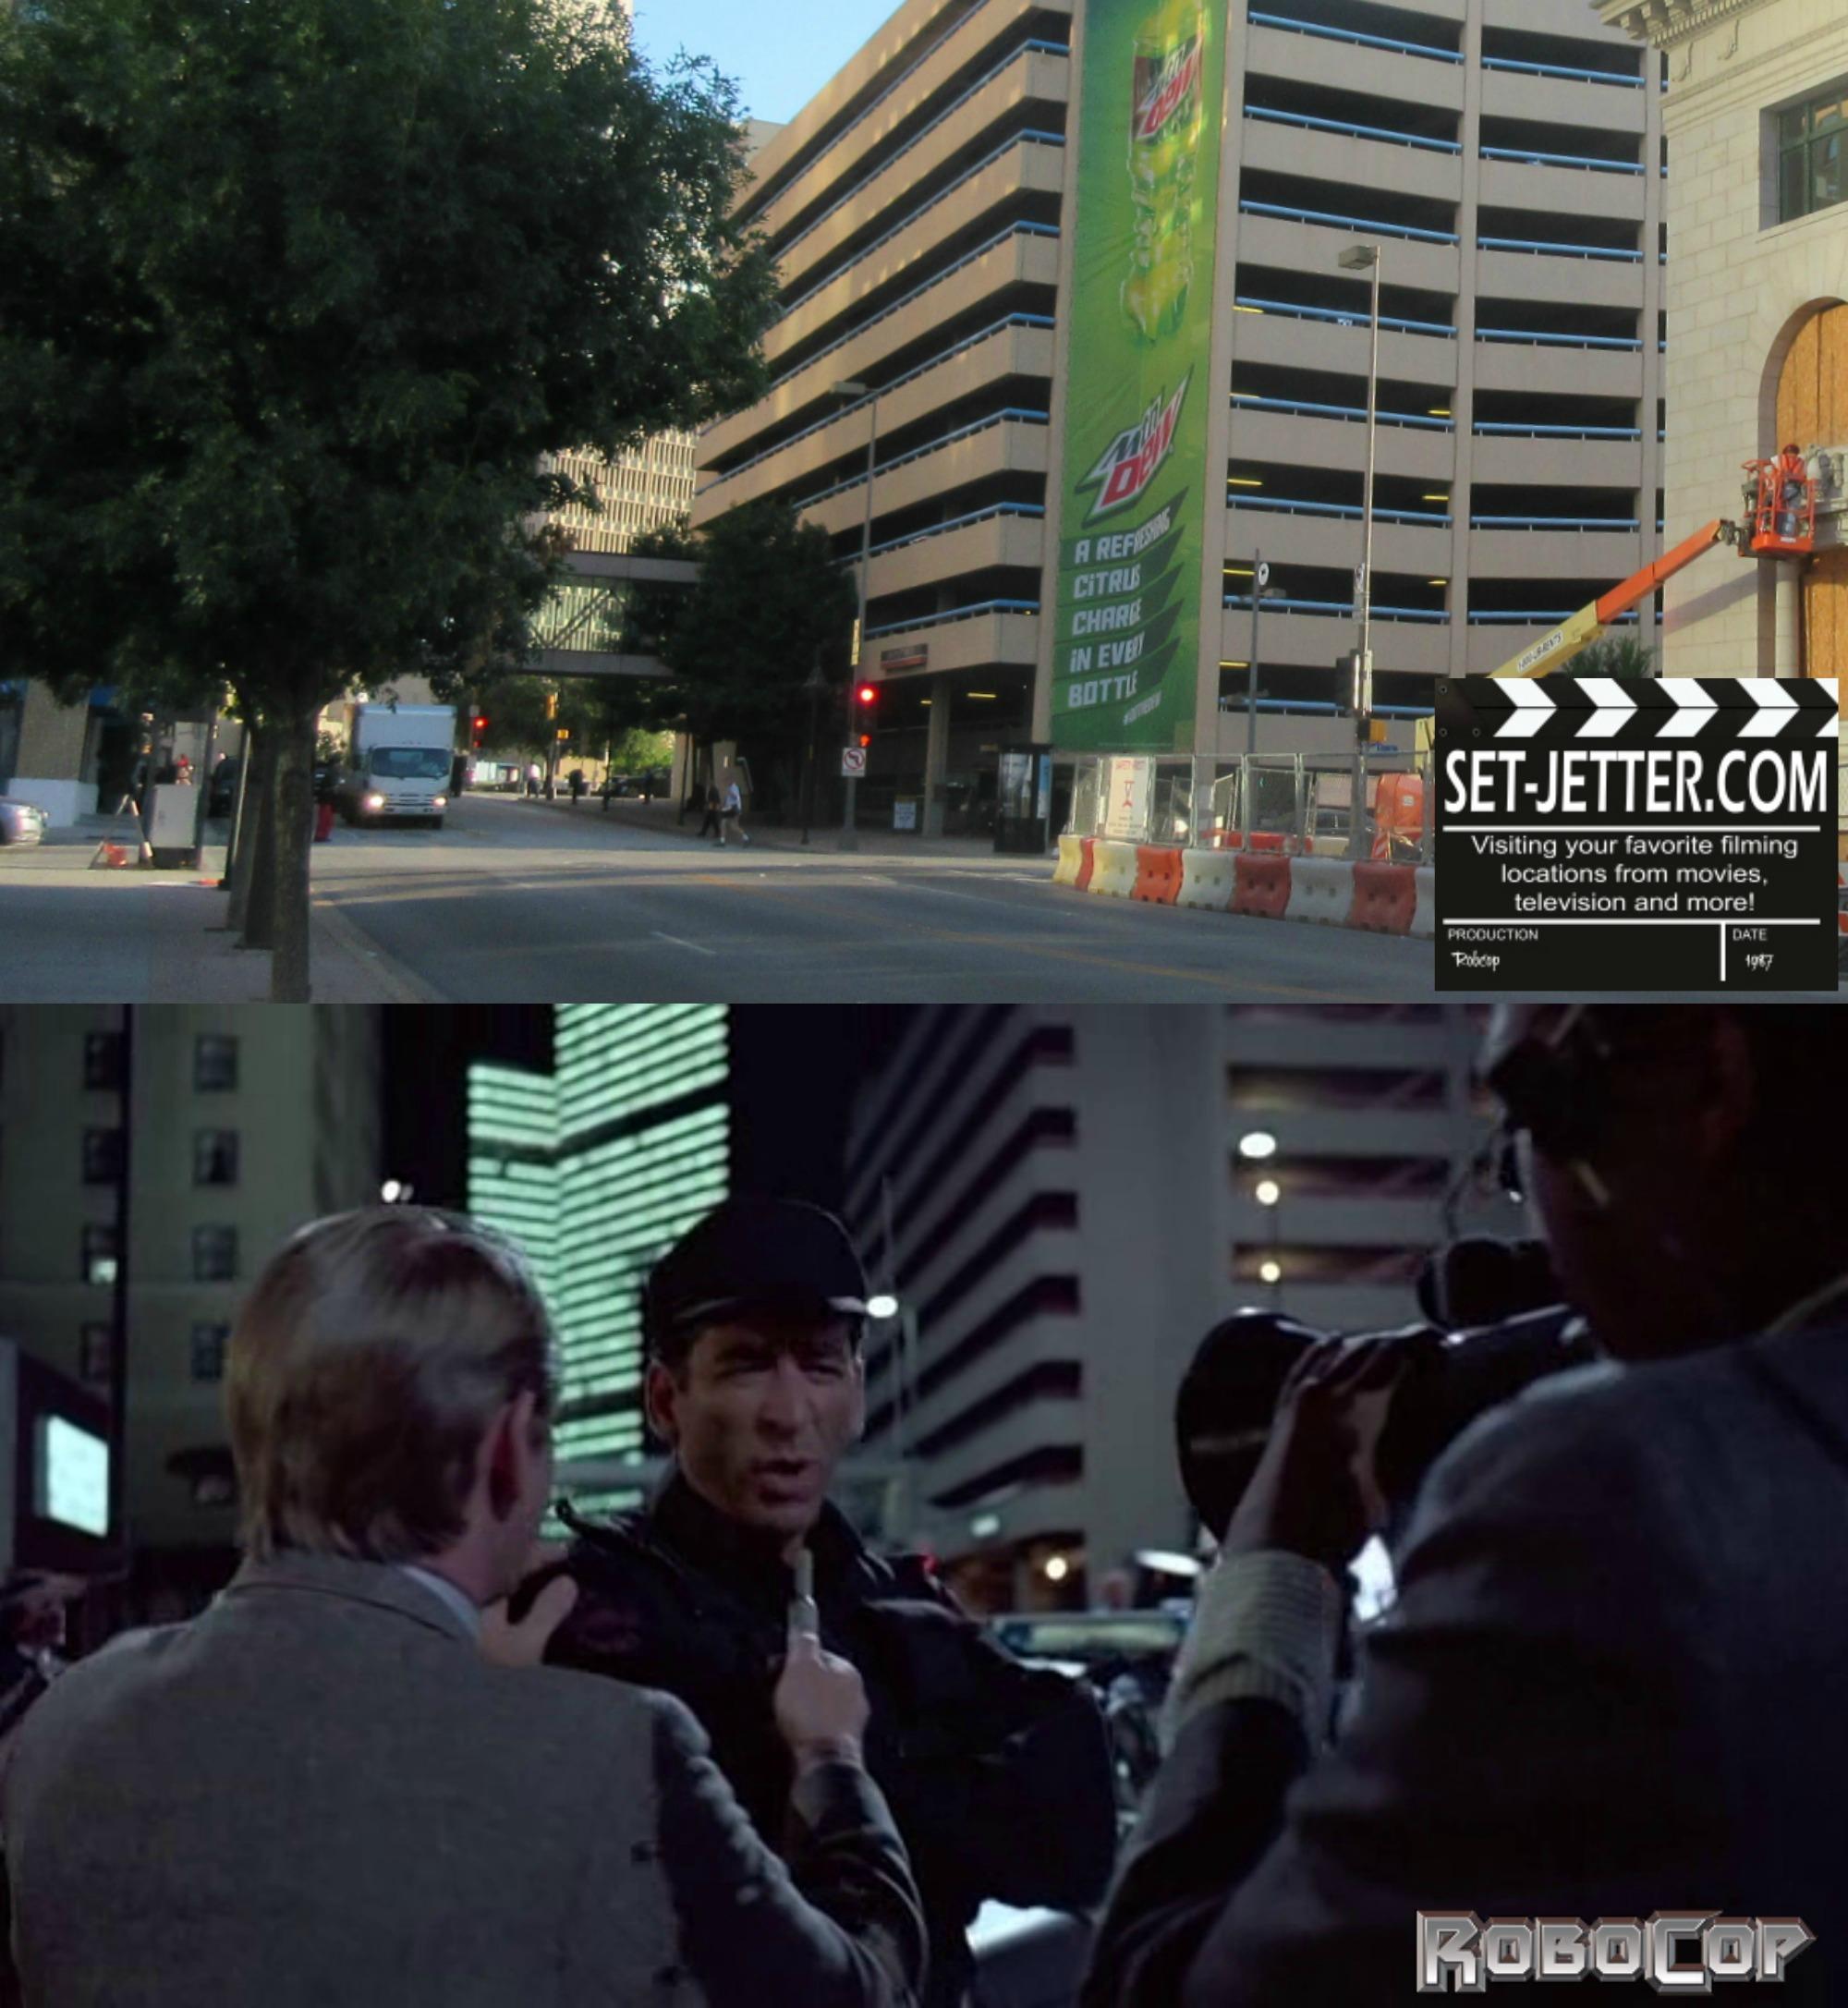 Robocop comparison 78.jpg